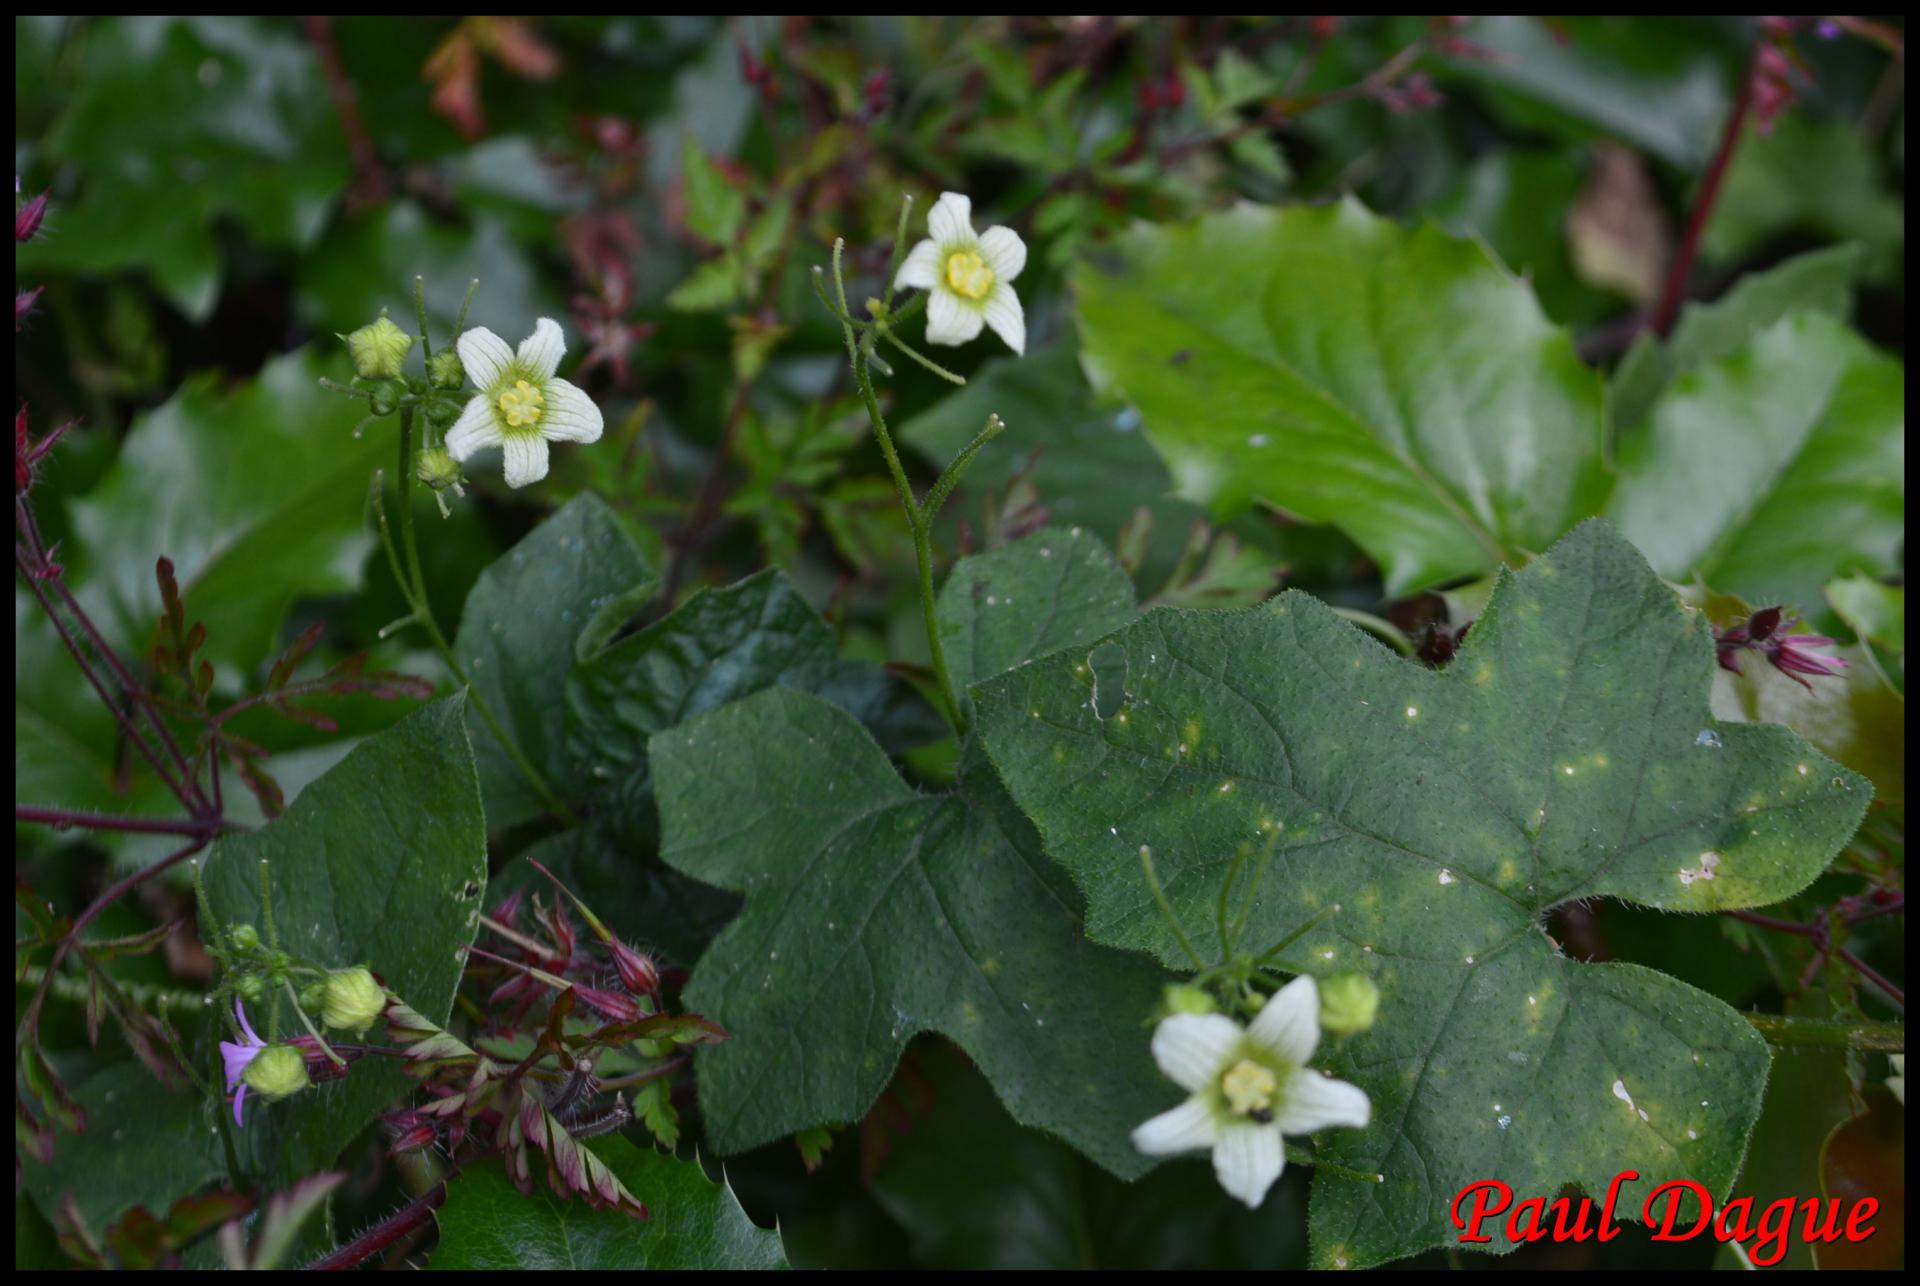 343 bryone dioique bryonia dioica cucurbitaceae 2 resultat